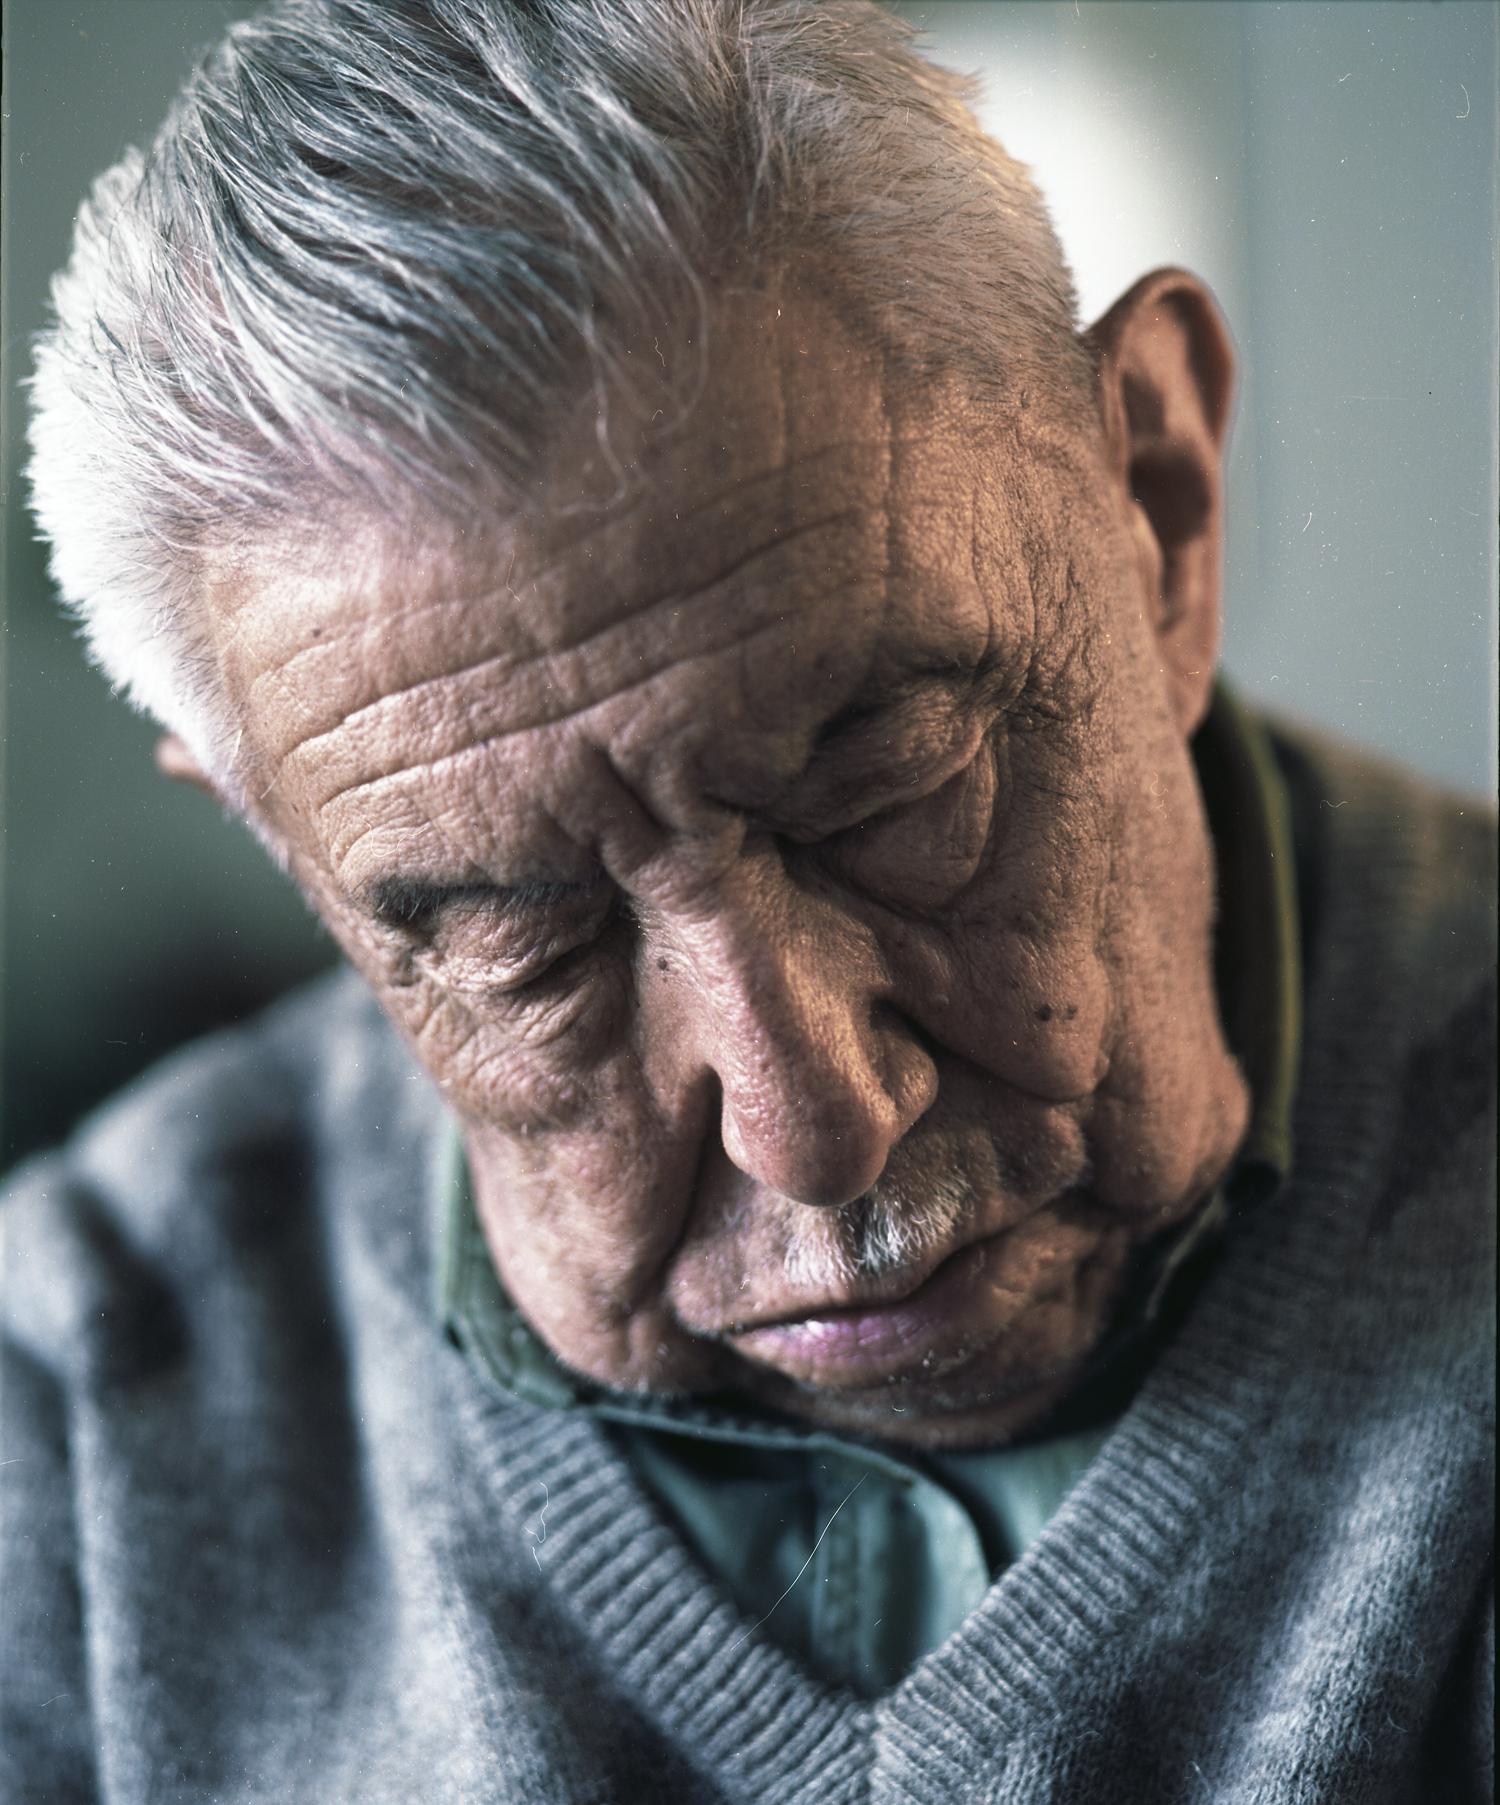 Raúl Smith Domínguez